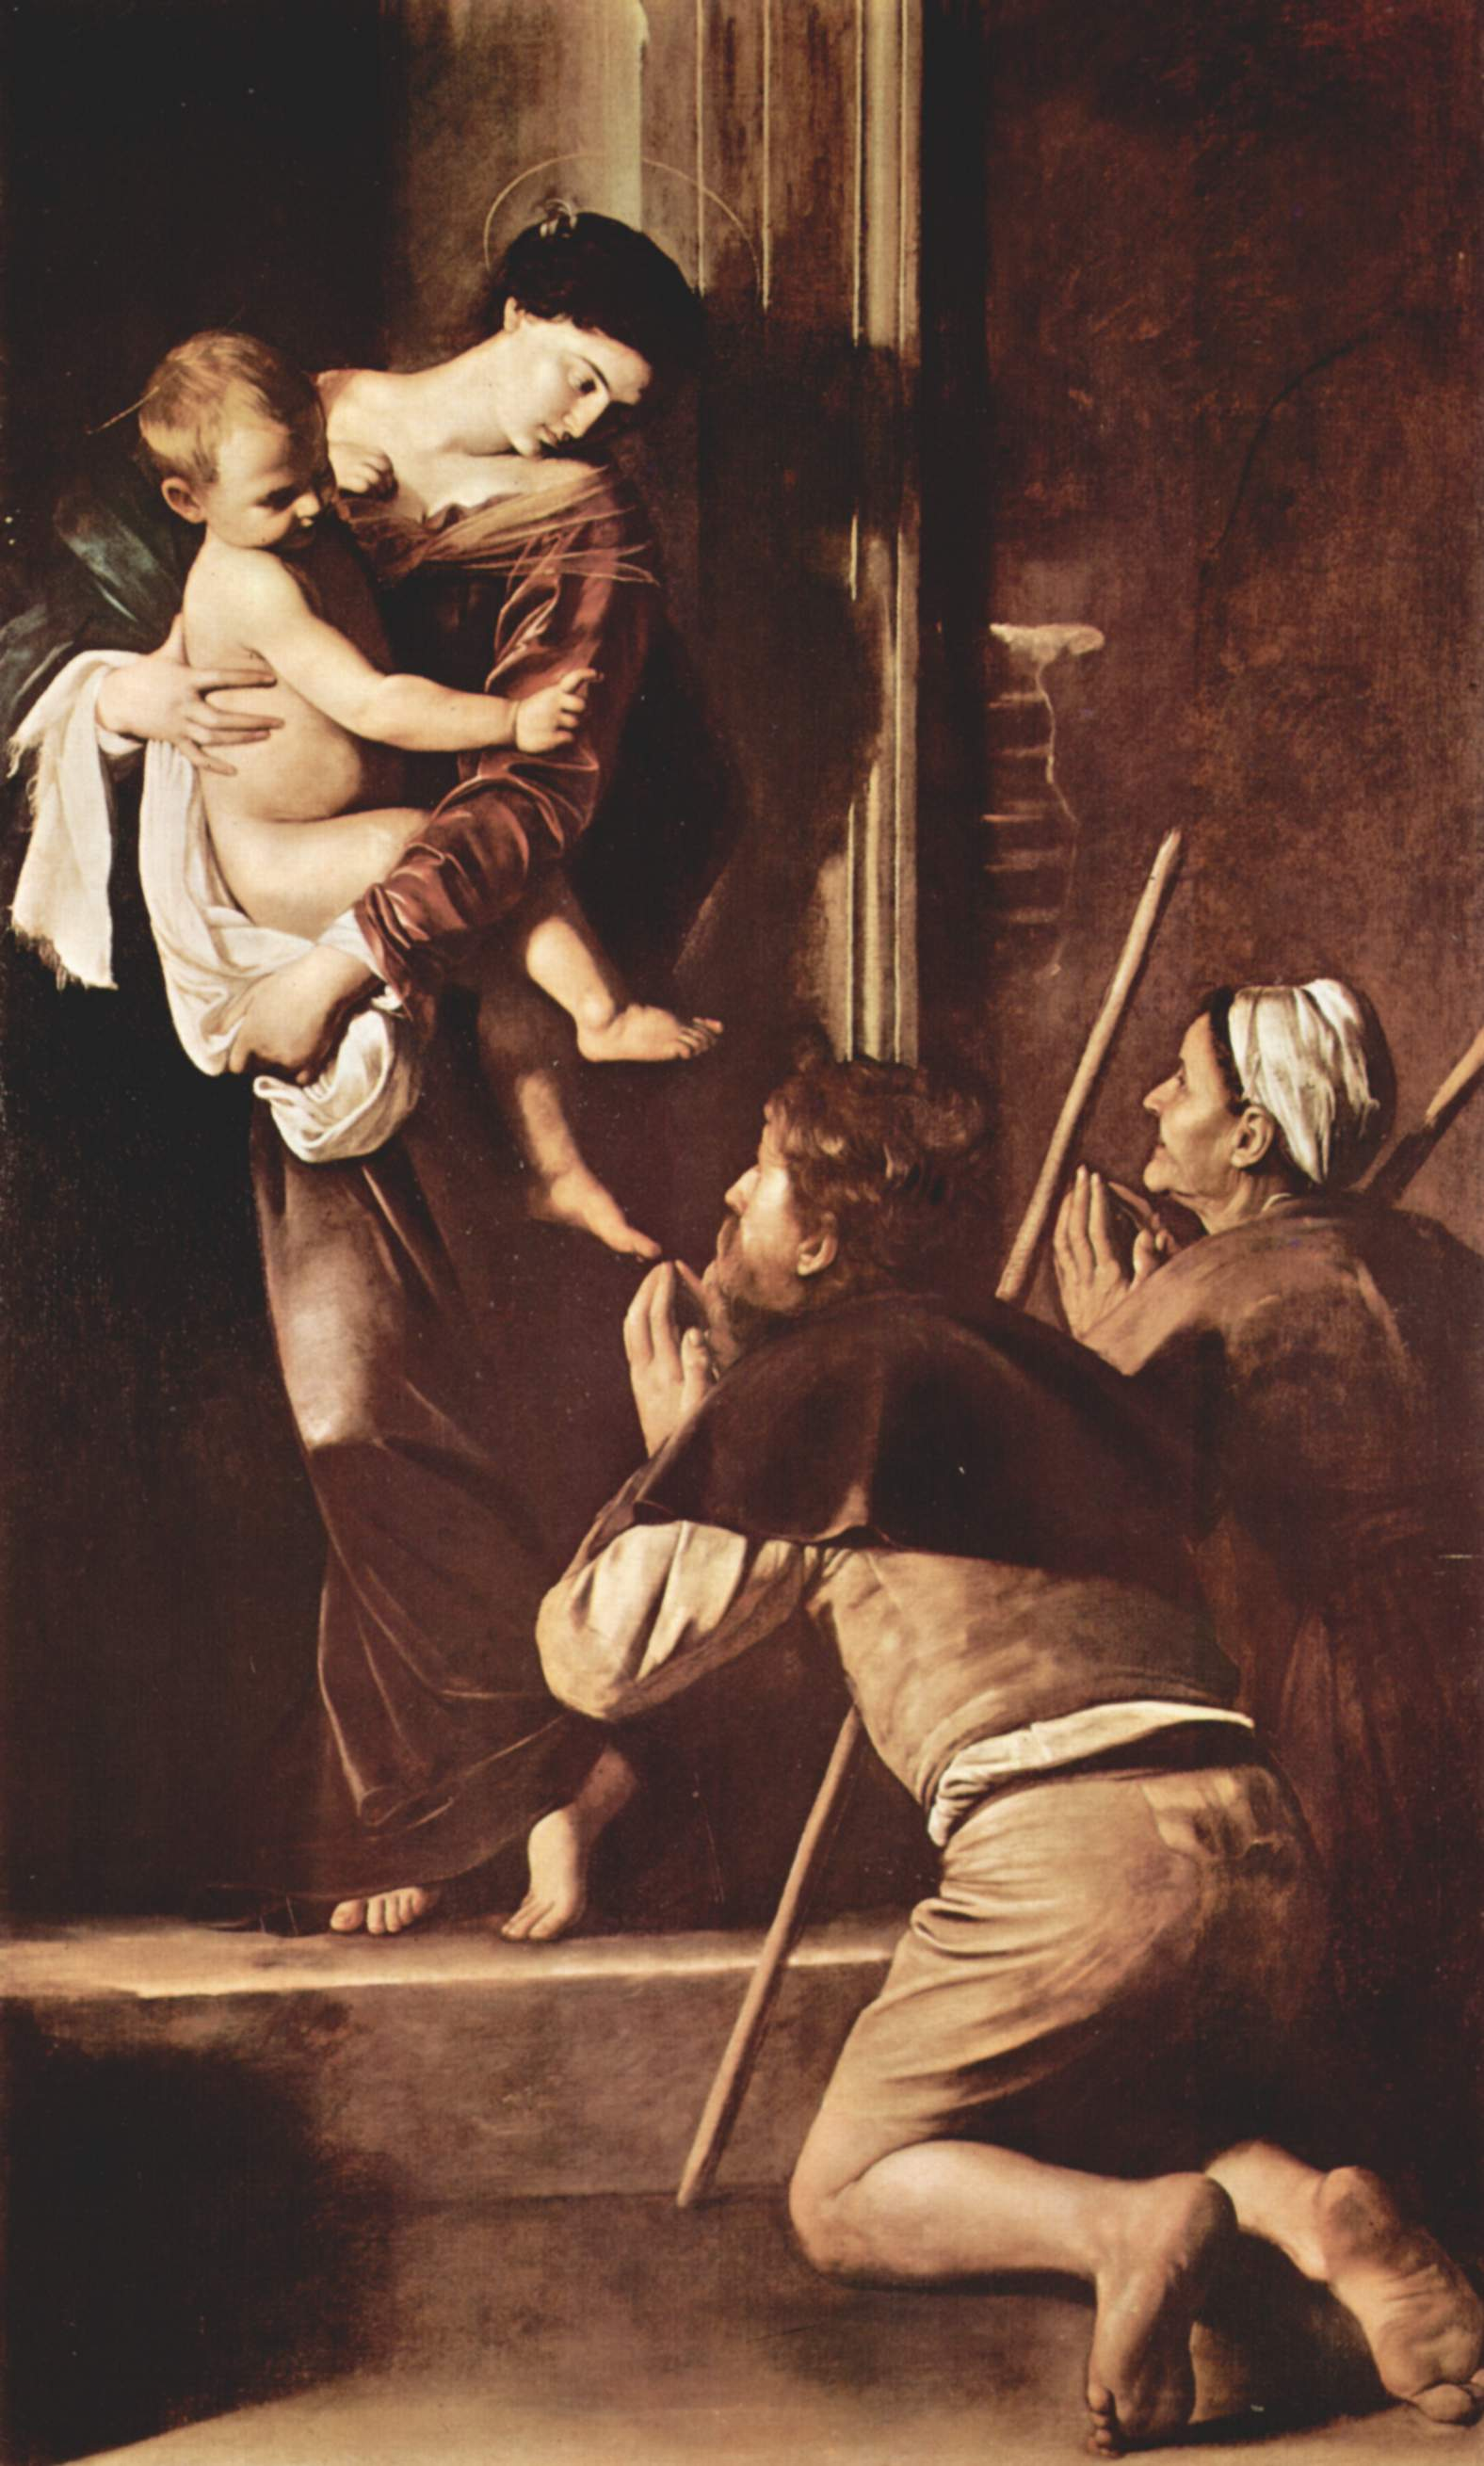 Алтарь Капеллы Кавалетти в Санта Агостино в Риме, Мадонна пилигримов, Микеланджело Меризи де Караваджо